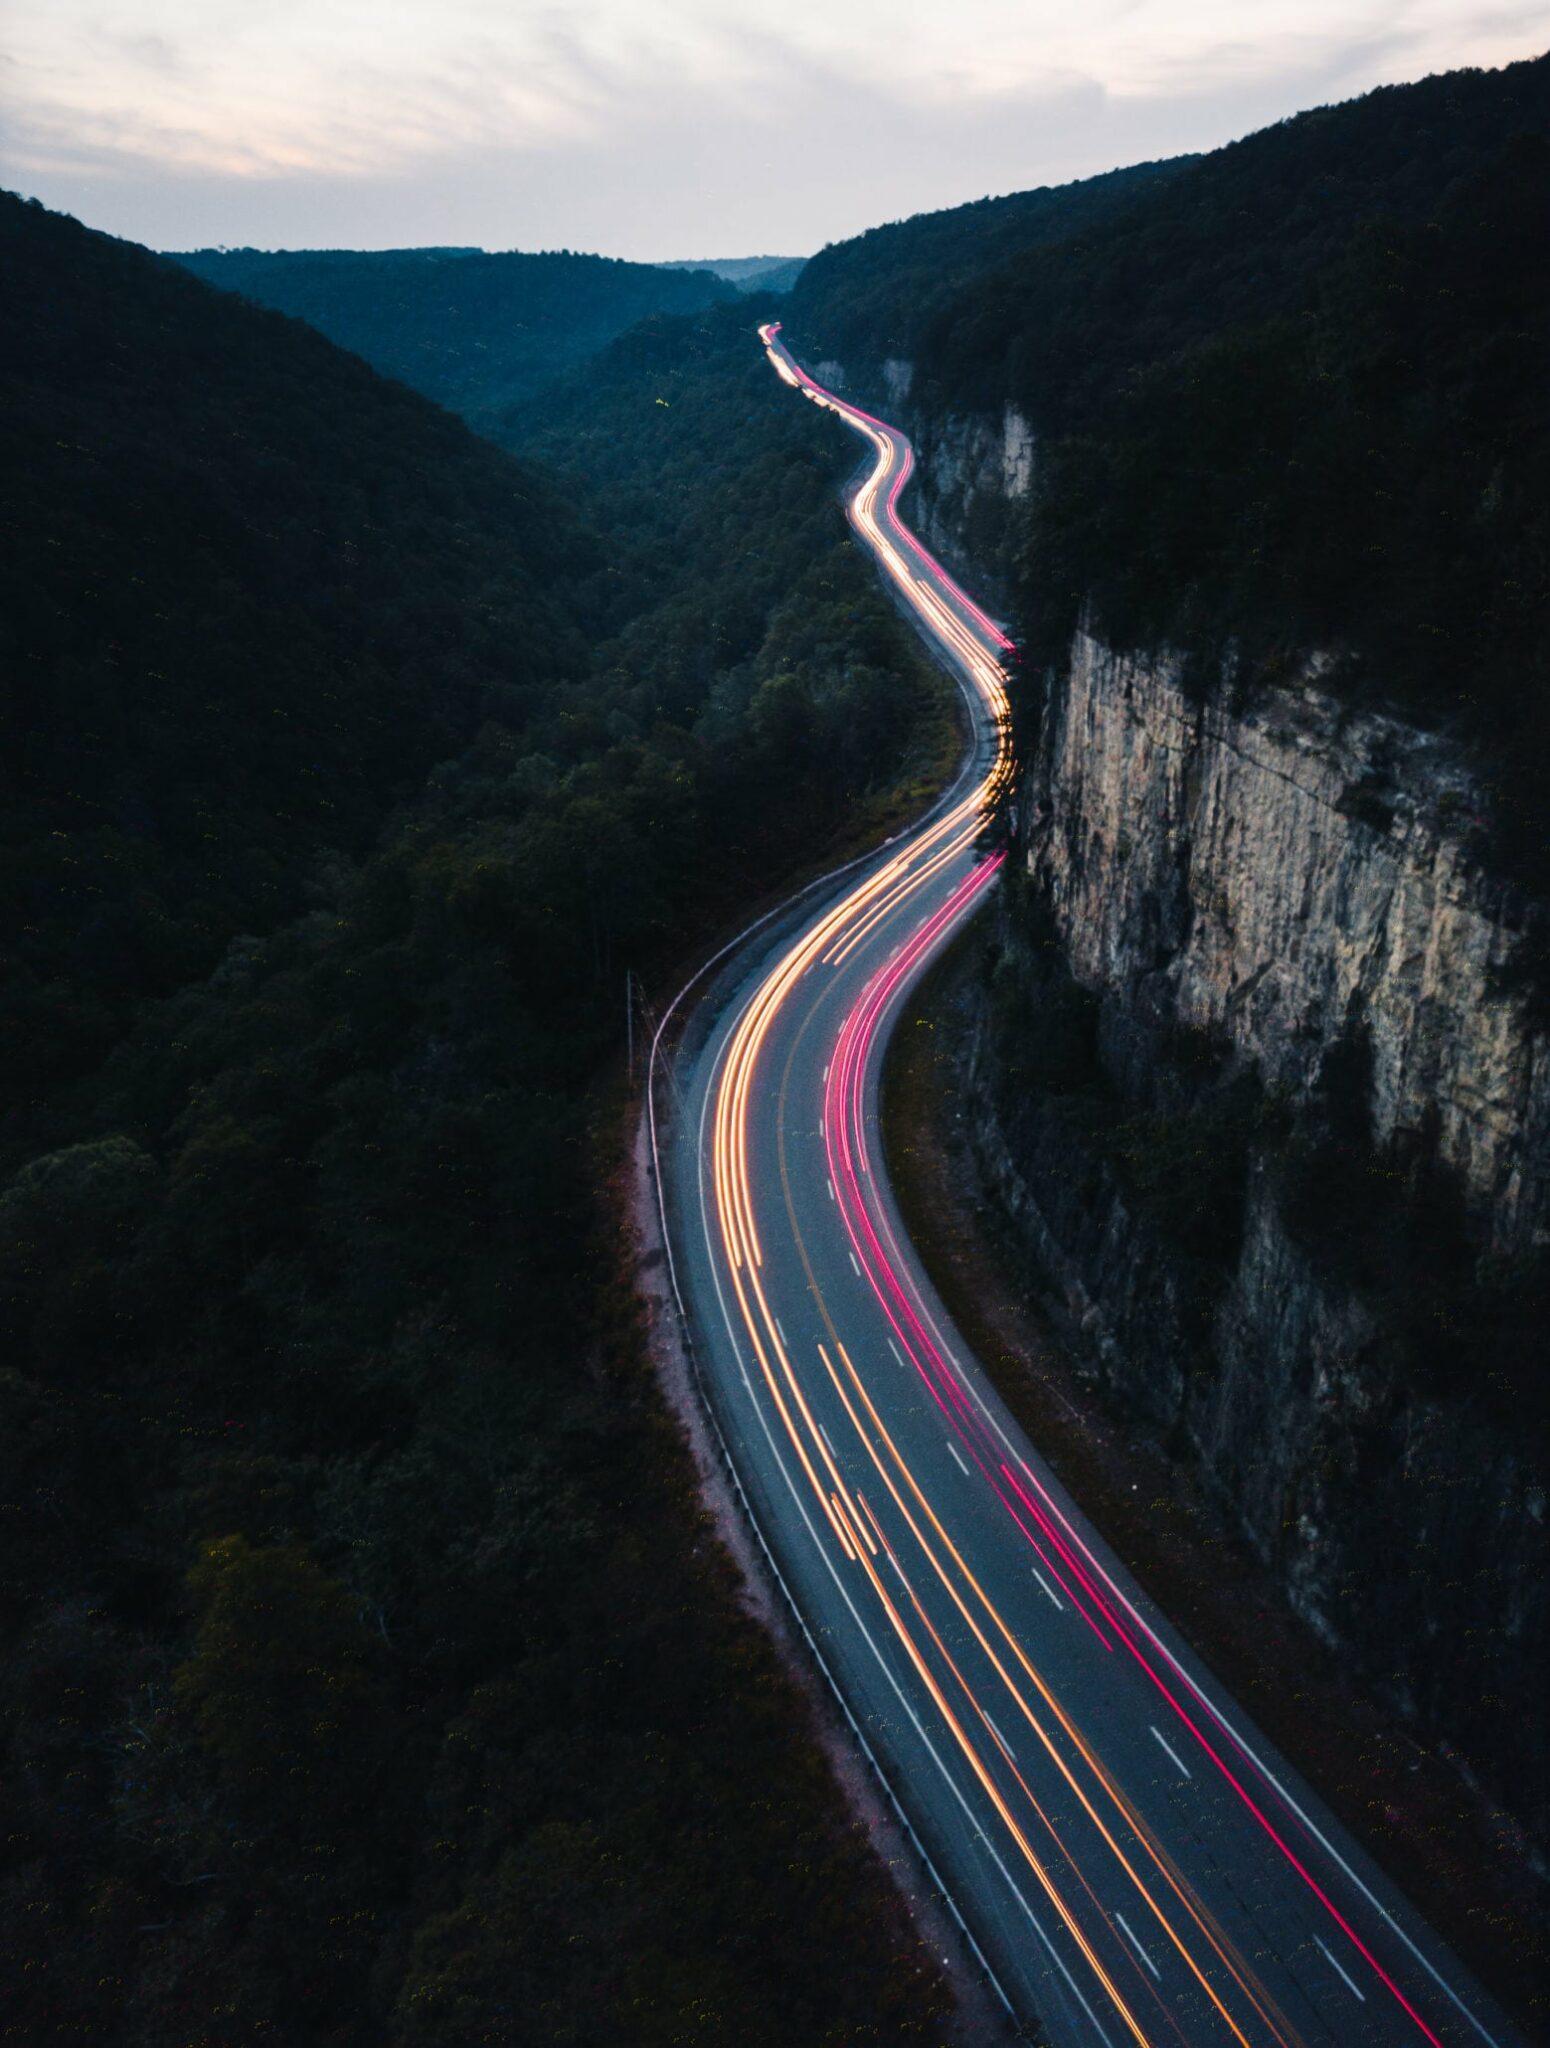 Auto-put normalizacije